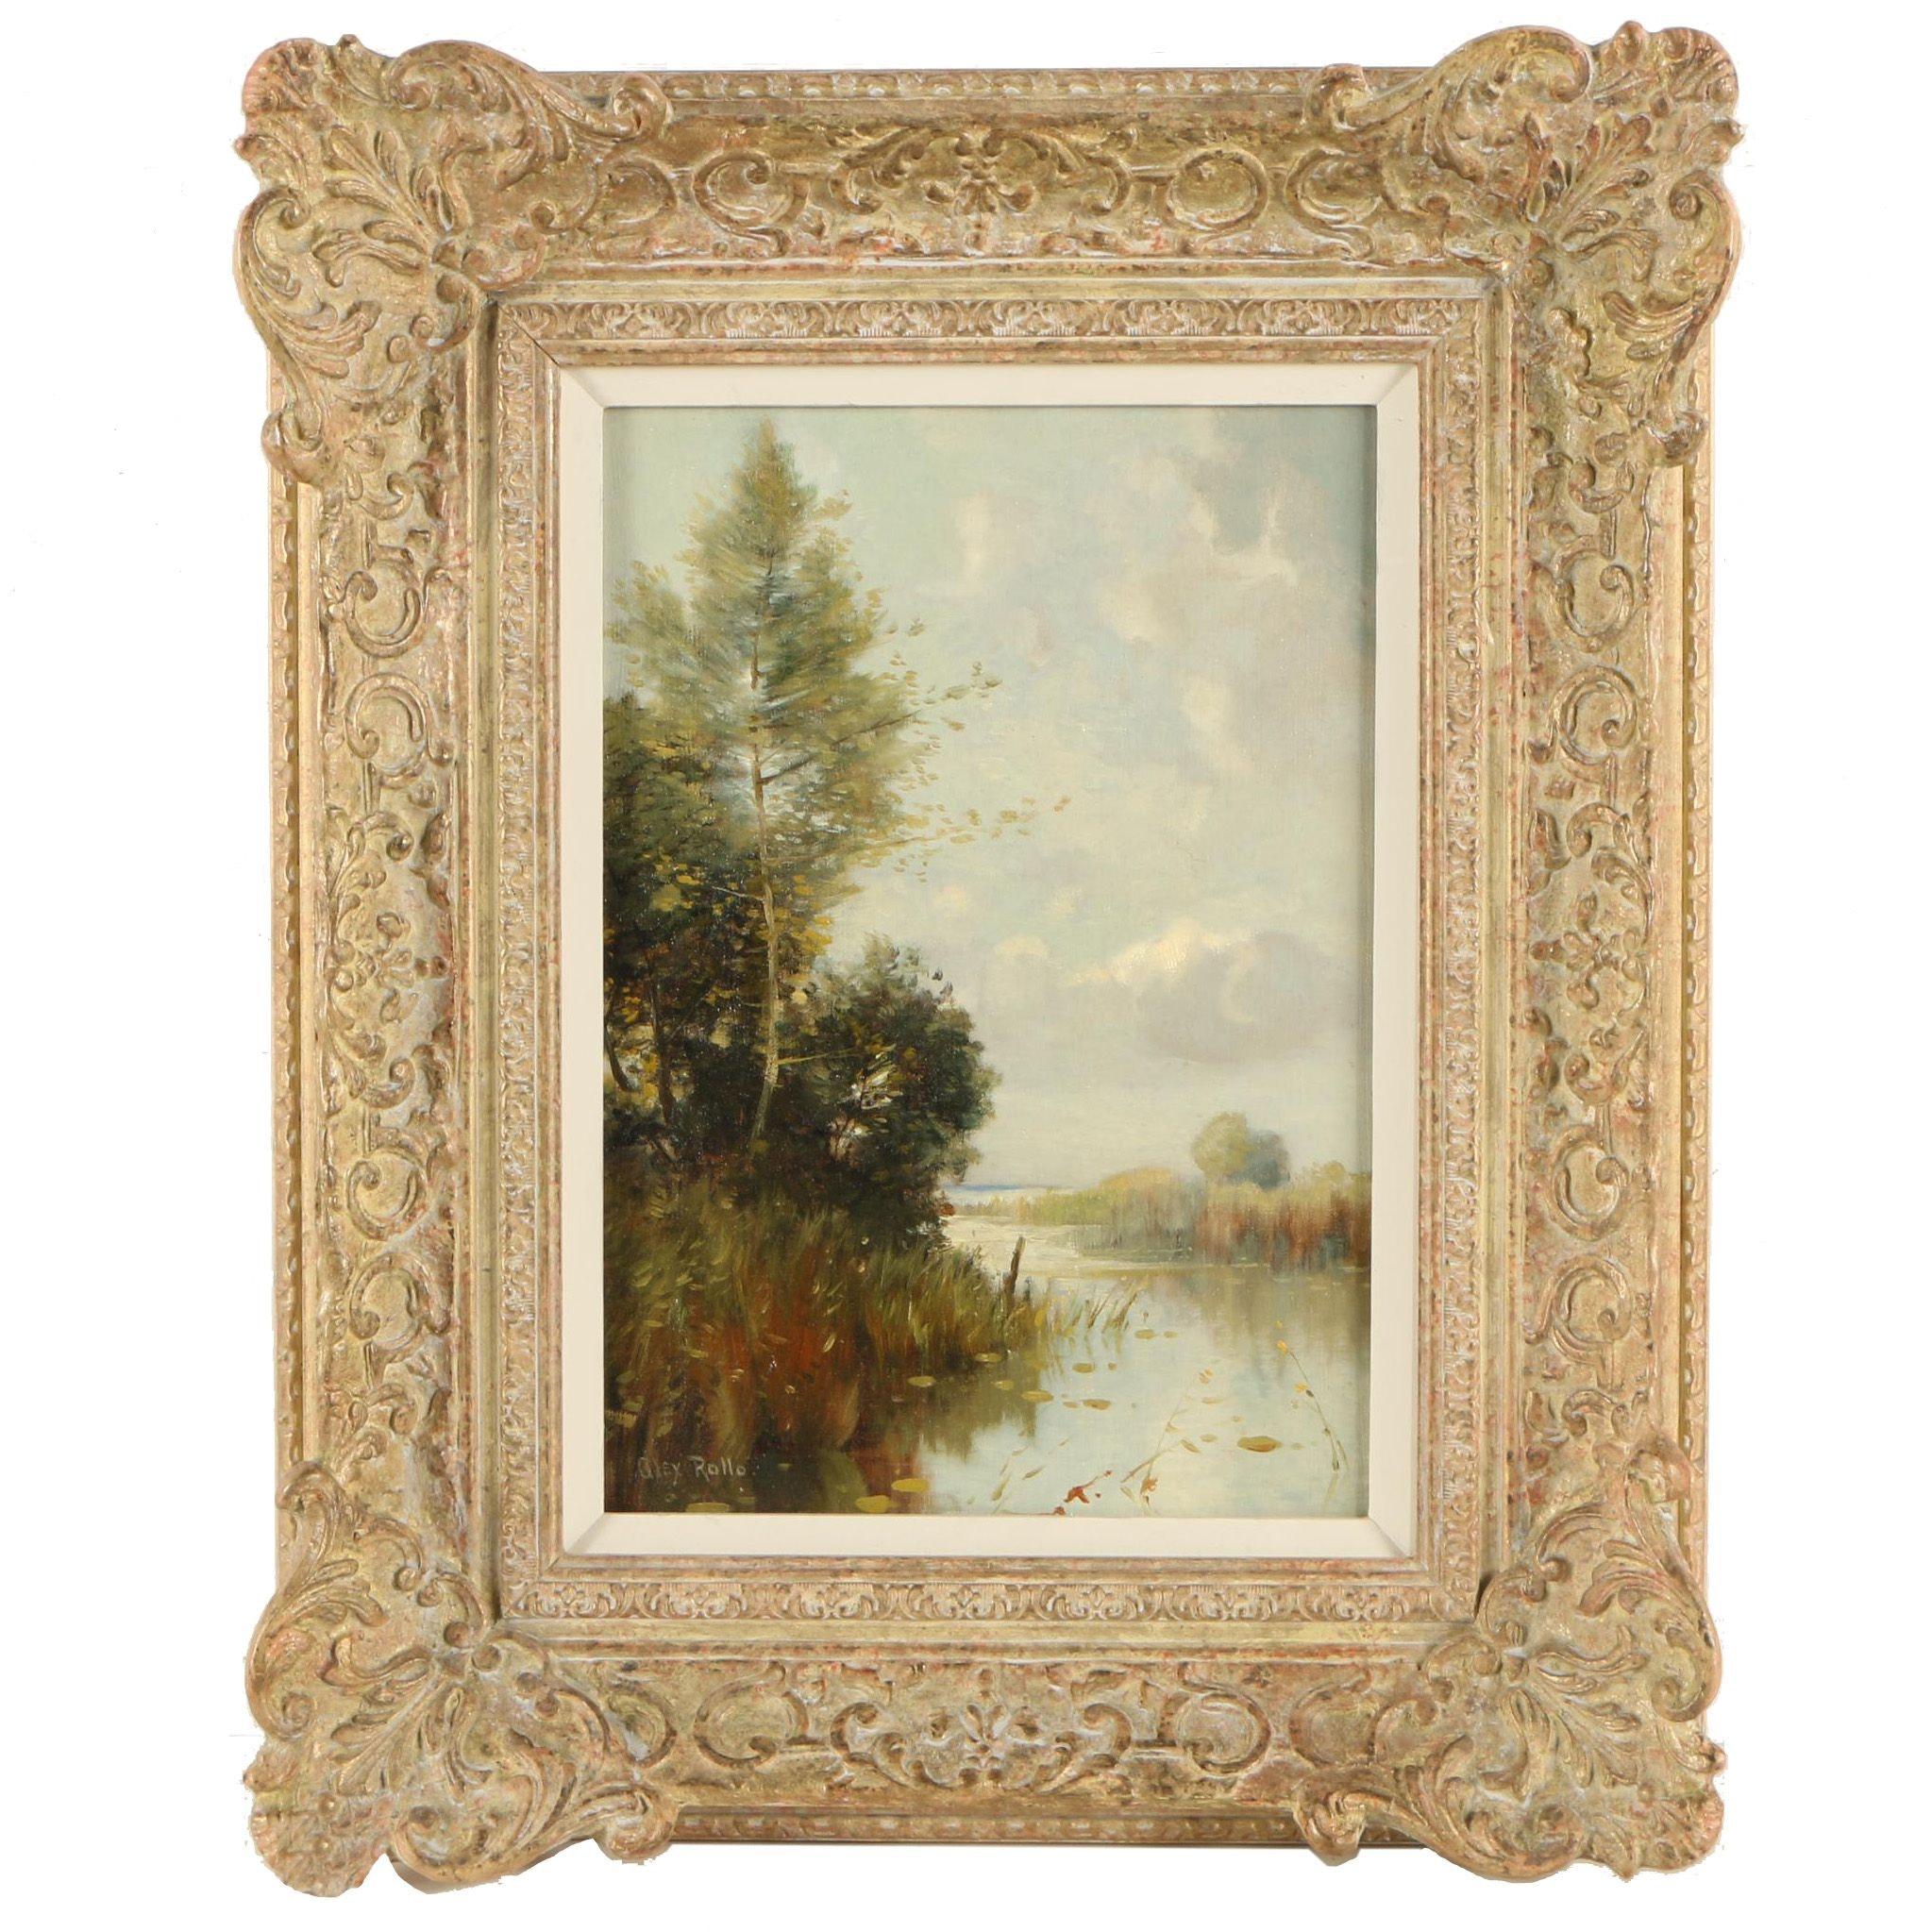 Alex Rollo Landscape Oil Painting